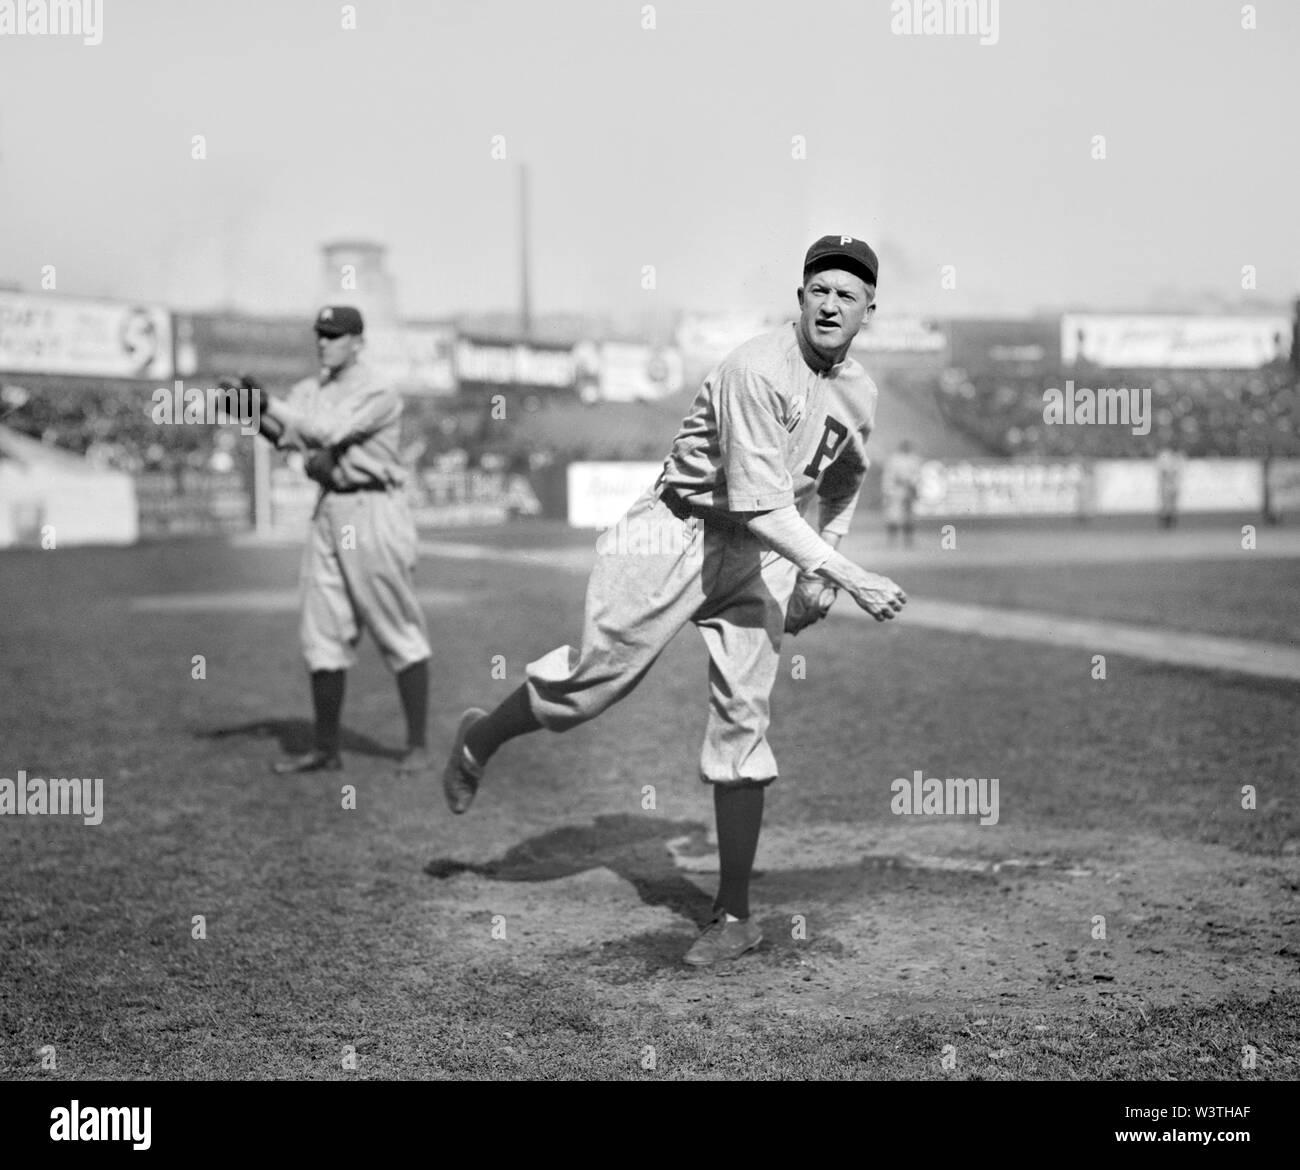 Grover Cleveland Alexander, jugador de béisbol de las Grandes Ligas, los Phillies de Filadelfia, Half-Length retrato, informó el servicio de Noticias Bain, 1911 Imagen De Stock